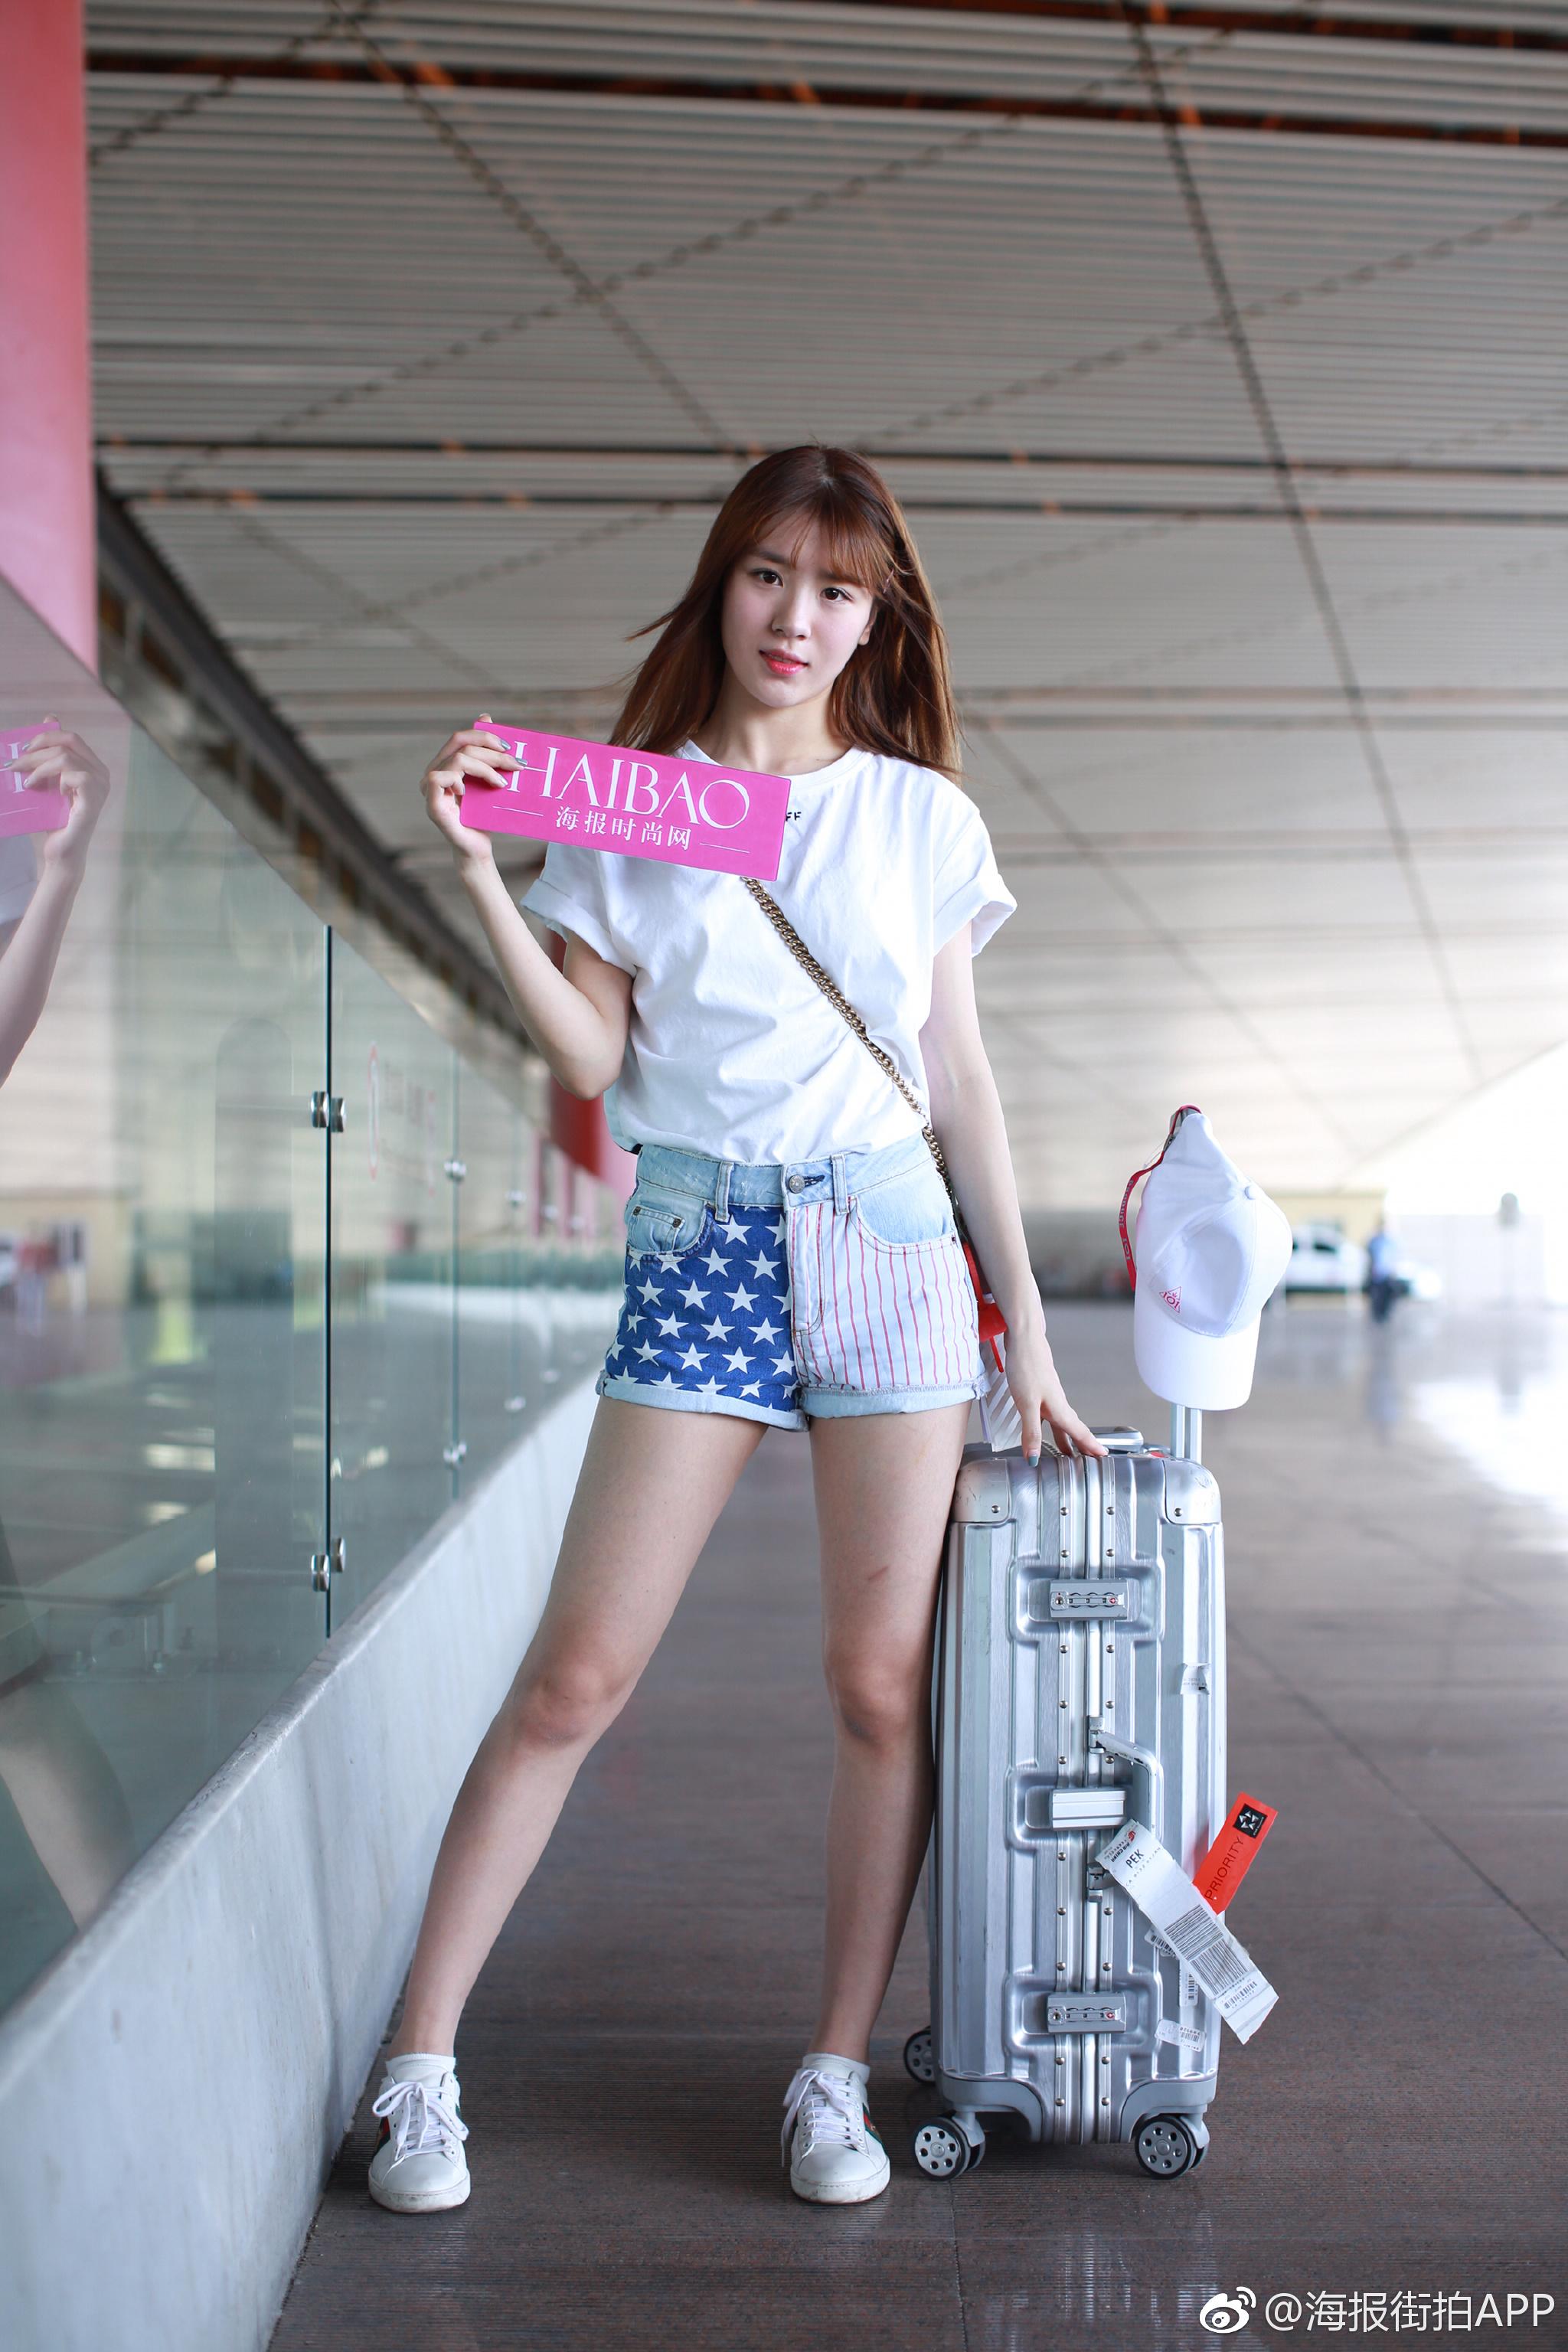 选手机场照,身穿off-white 白色T恤搭配牛仔短裤,看起来轻松活力